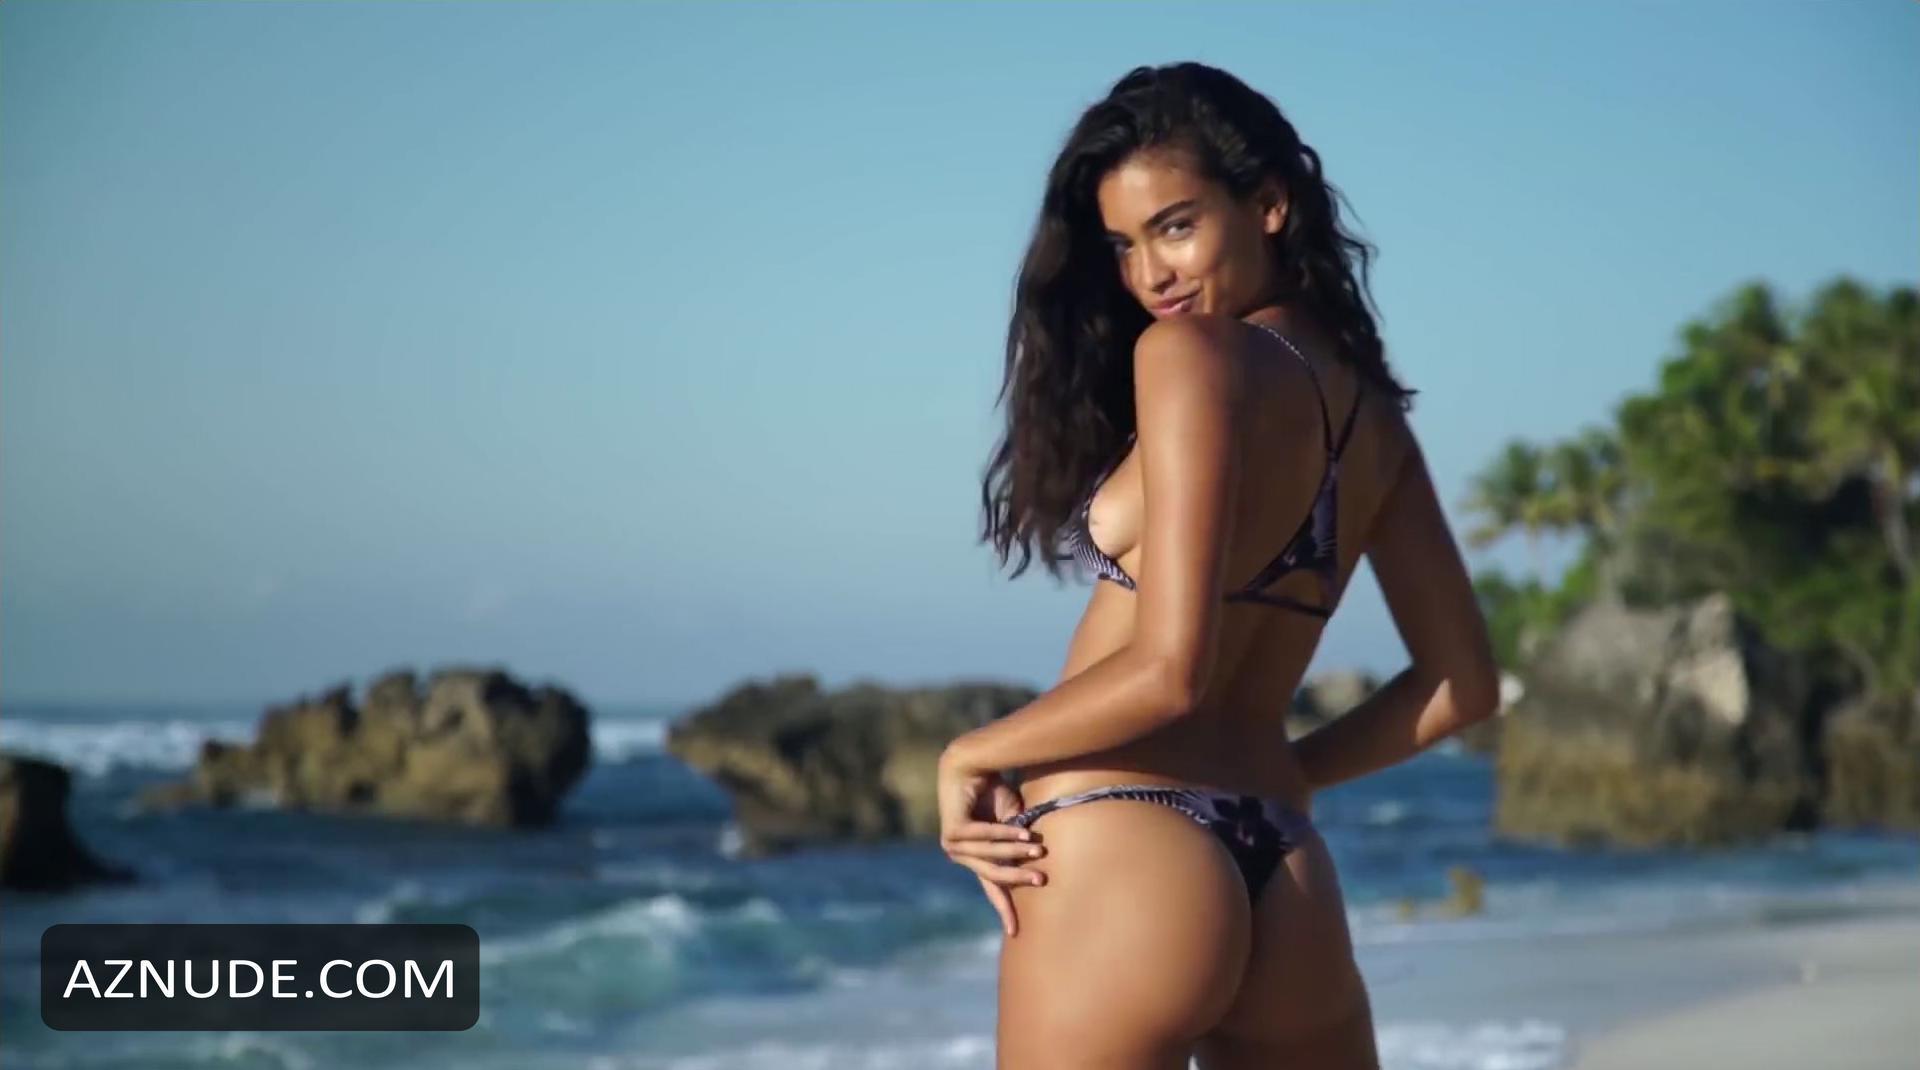 sexy italian bikini girls nude